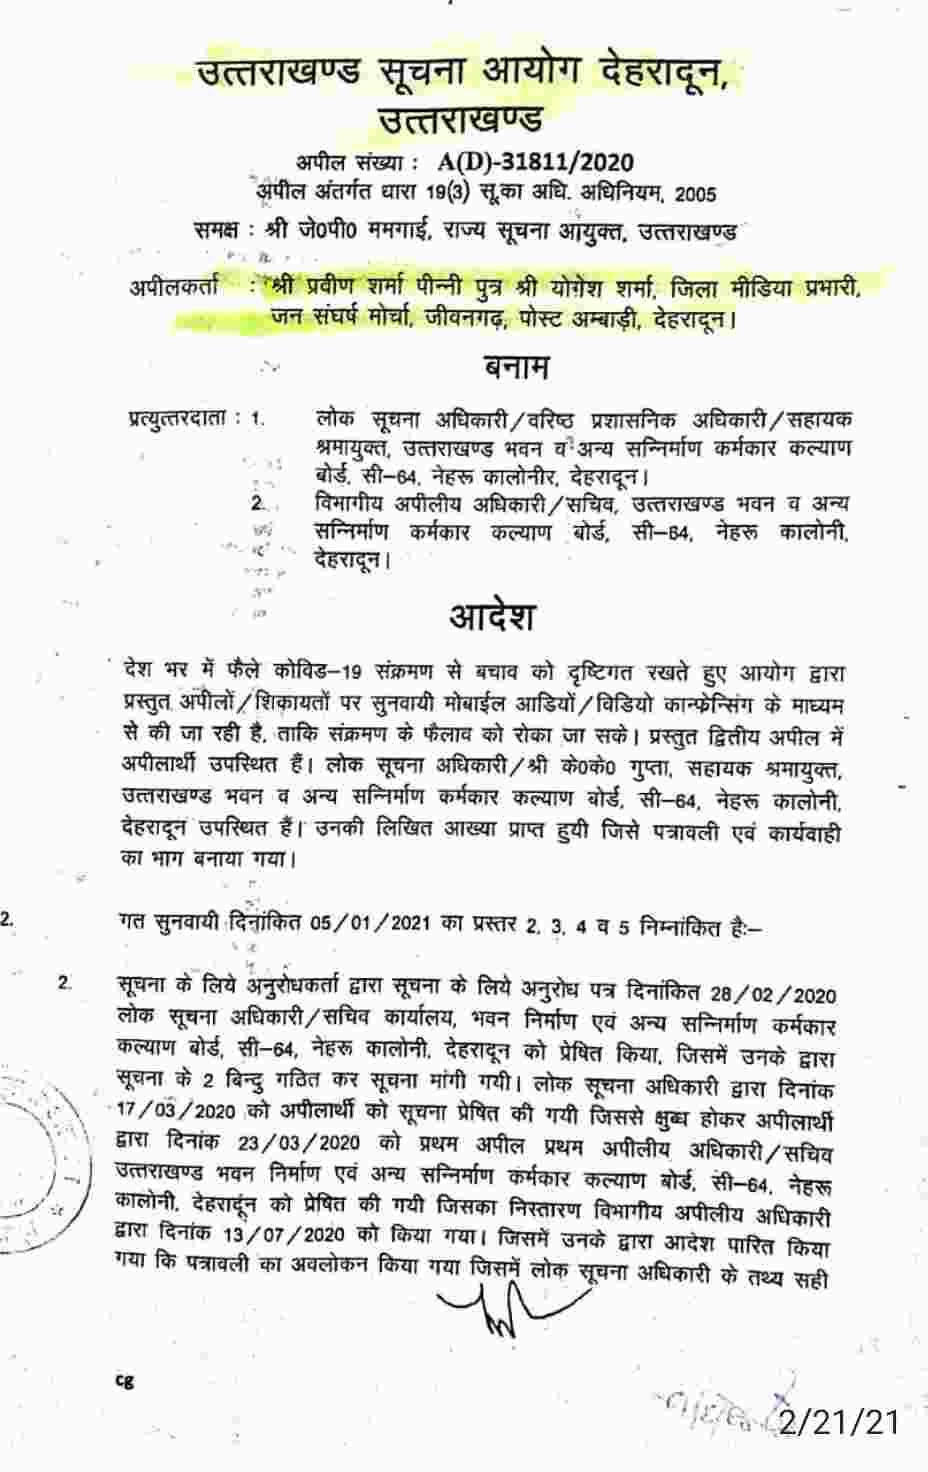 करोड़ों के बिल तो पहुंचे, लेकिन सामान नहीं! आयोग ने सचिव को दिए जांच के निर्देश- मोर्चा, कर्मकार कल्याण बोर्ड में करोड़ो रुपए के सामान परिवहन का है मामला 2